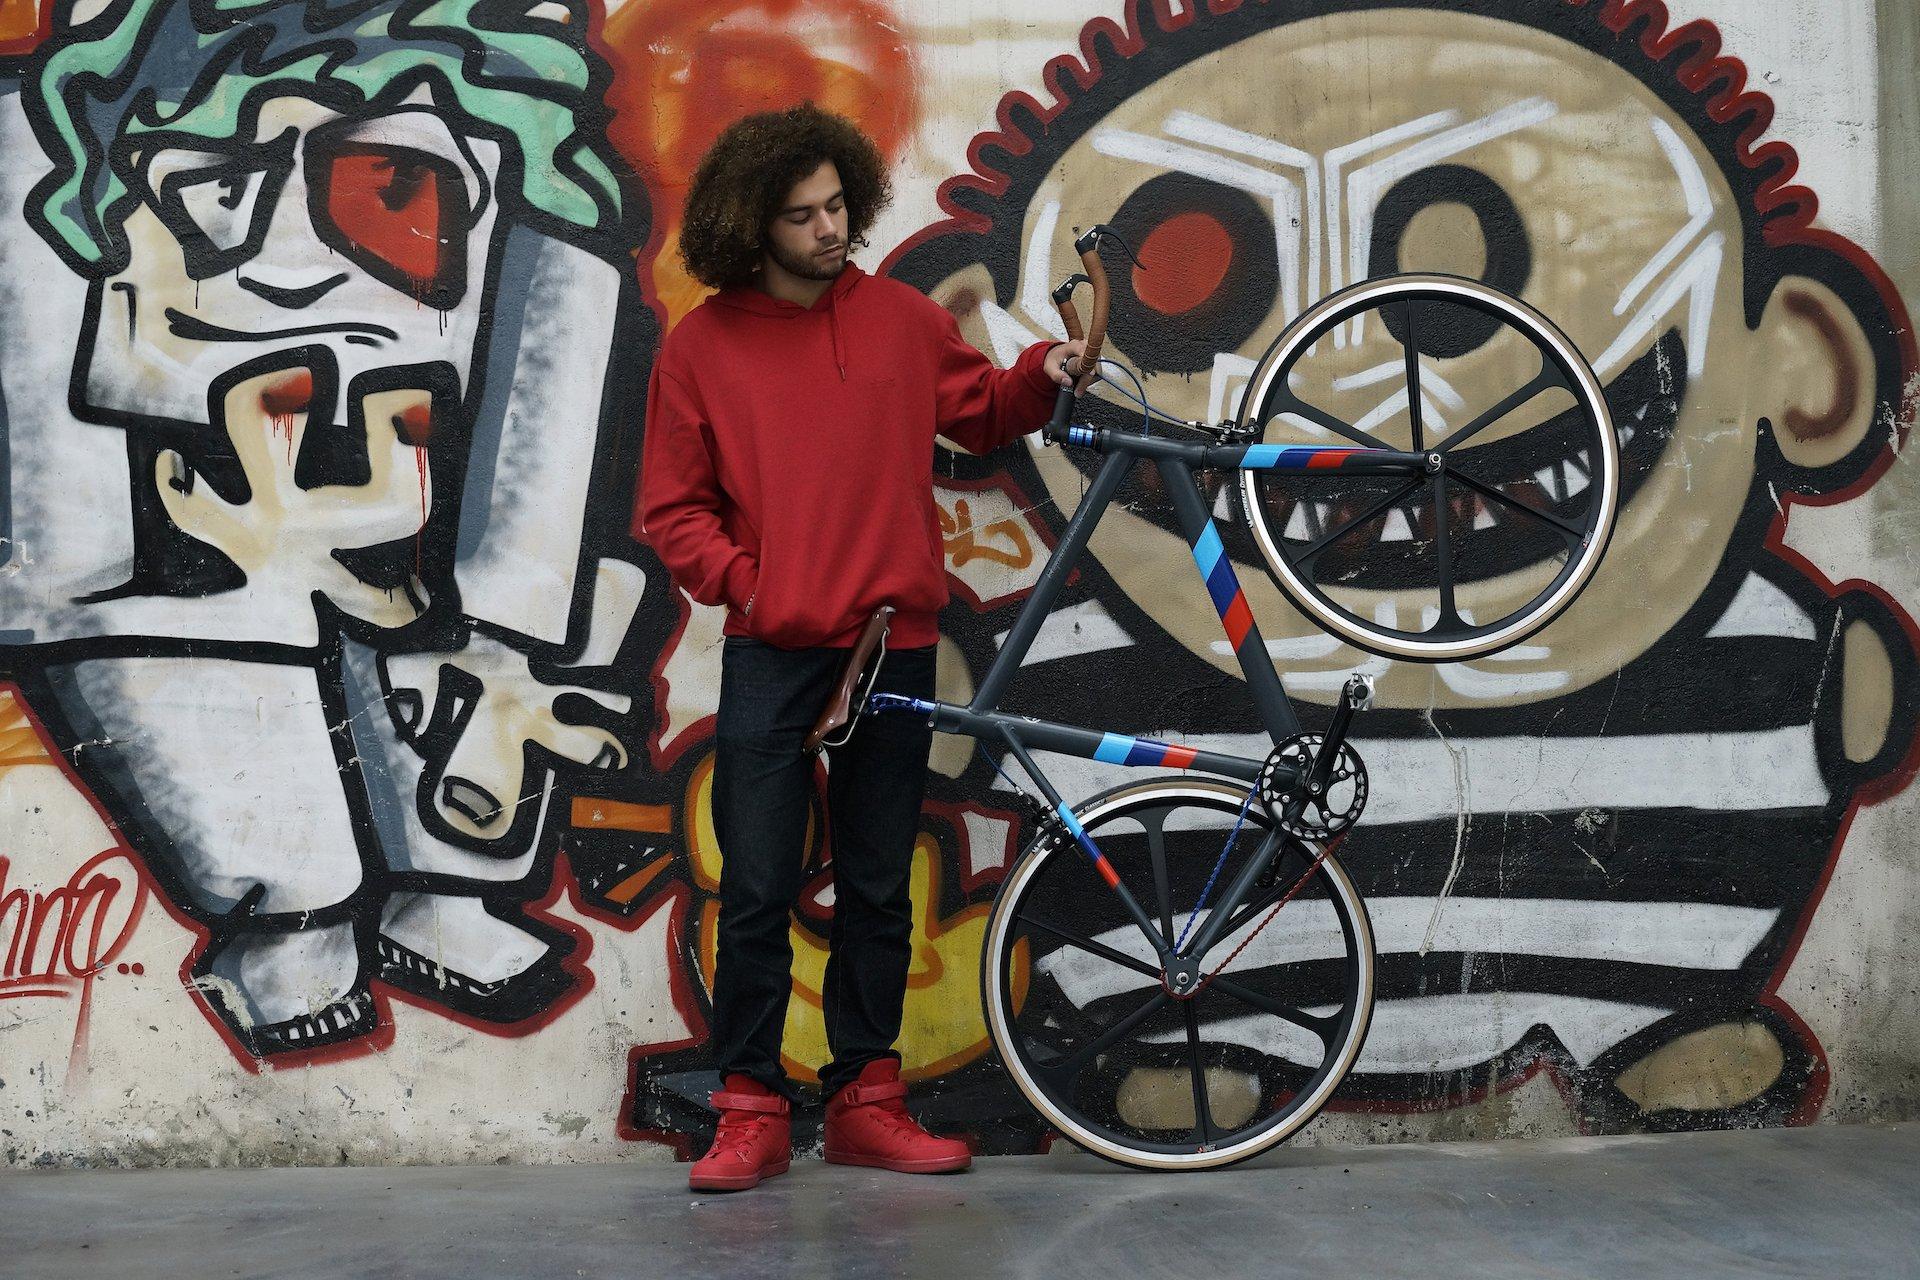 Unieke fiets | Op maat gemaakt | Design | Stadfiets